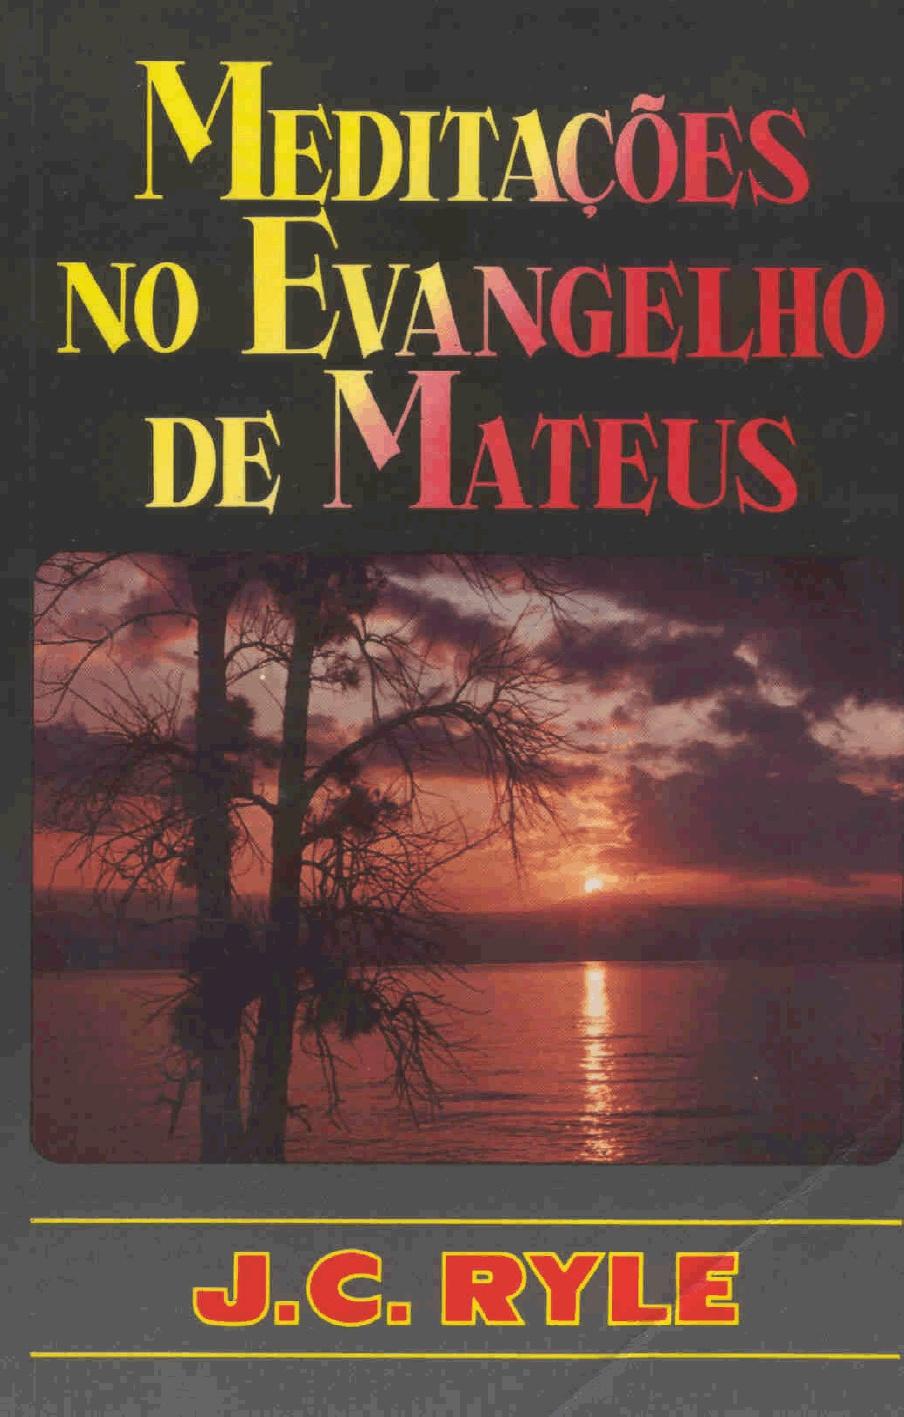 J. C. Ryle-Meditações No Evangelho De Mateus-